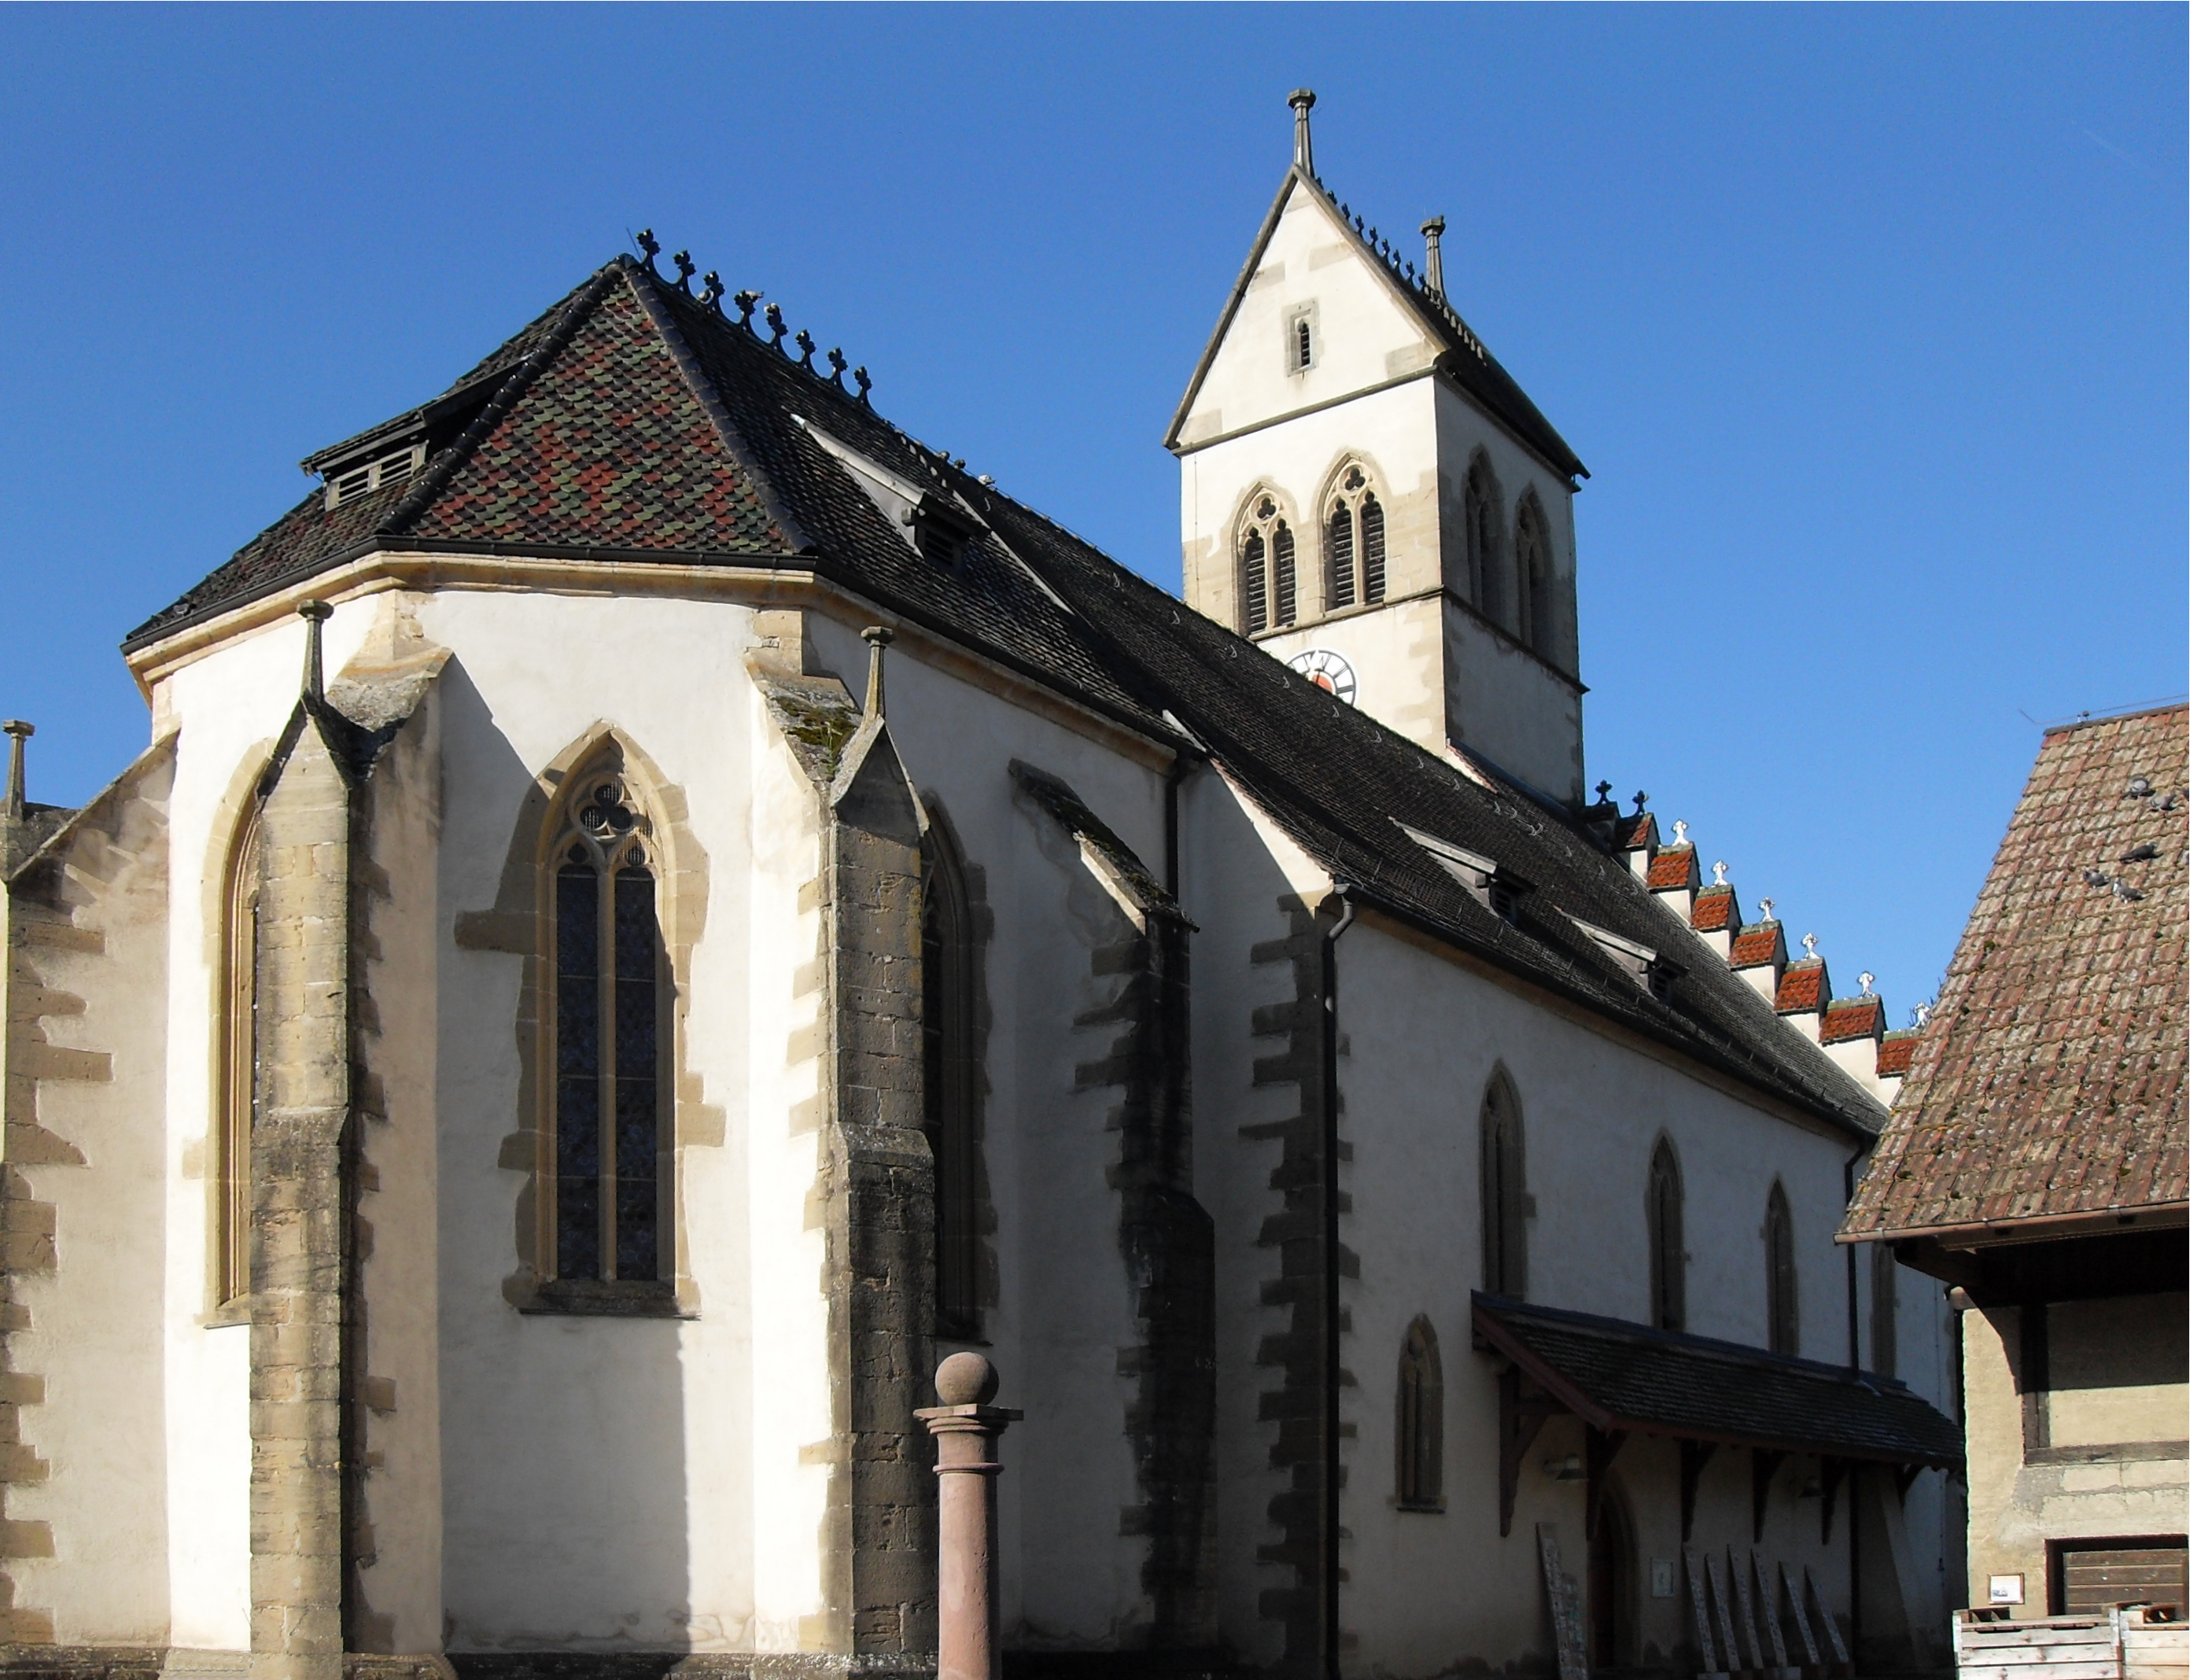 St Ilgen